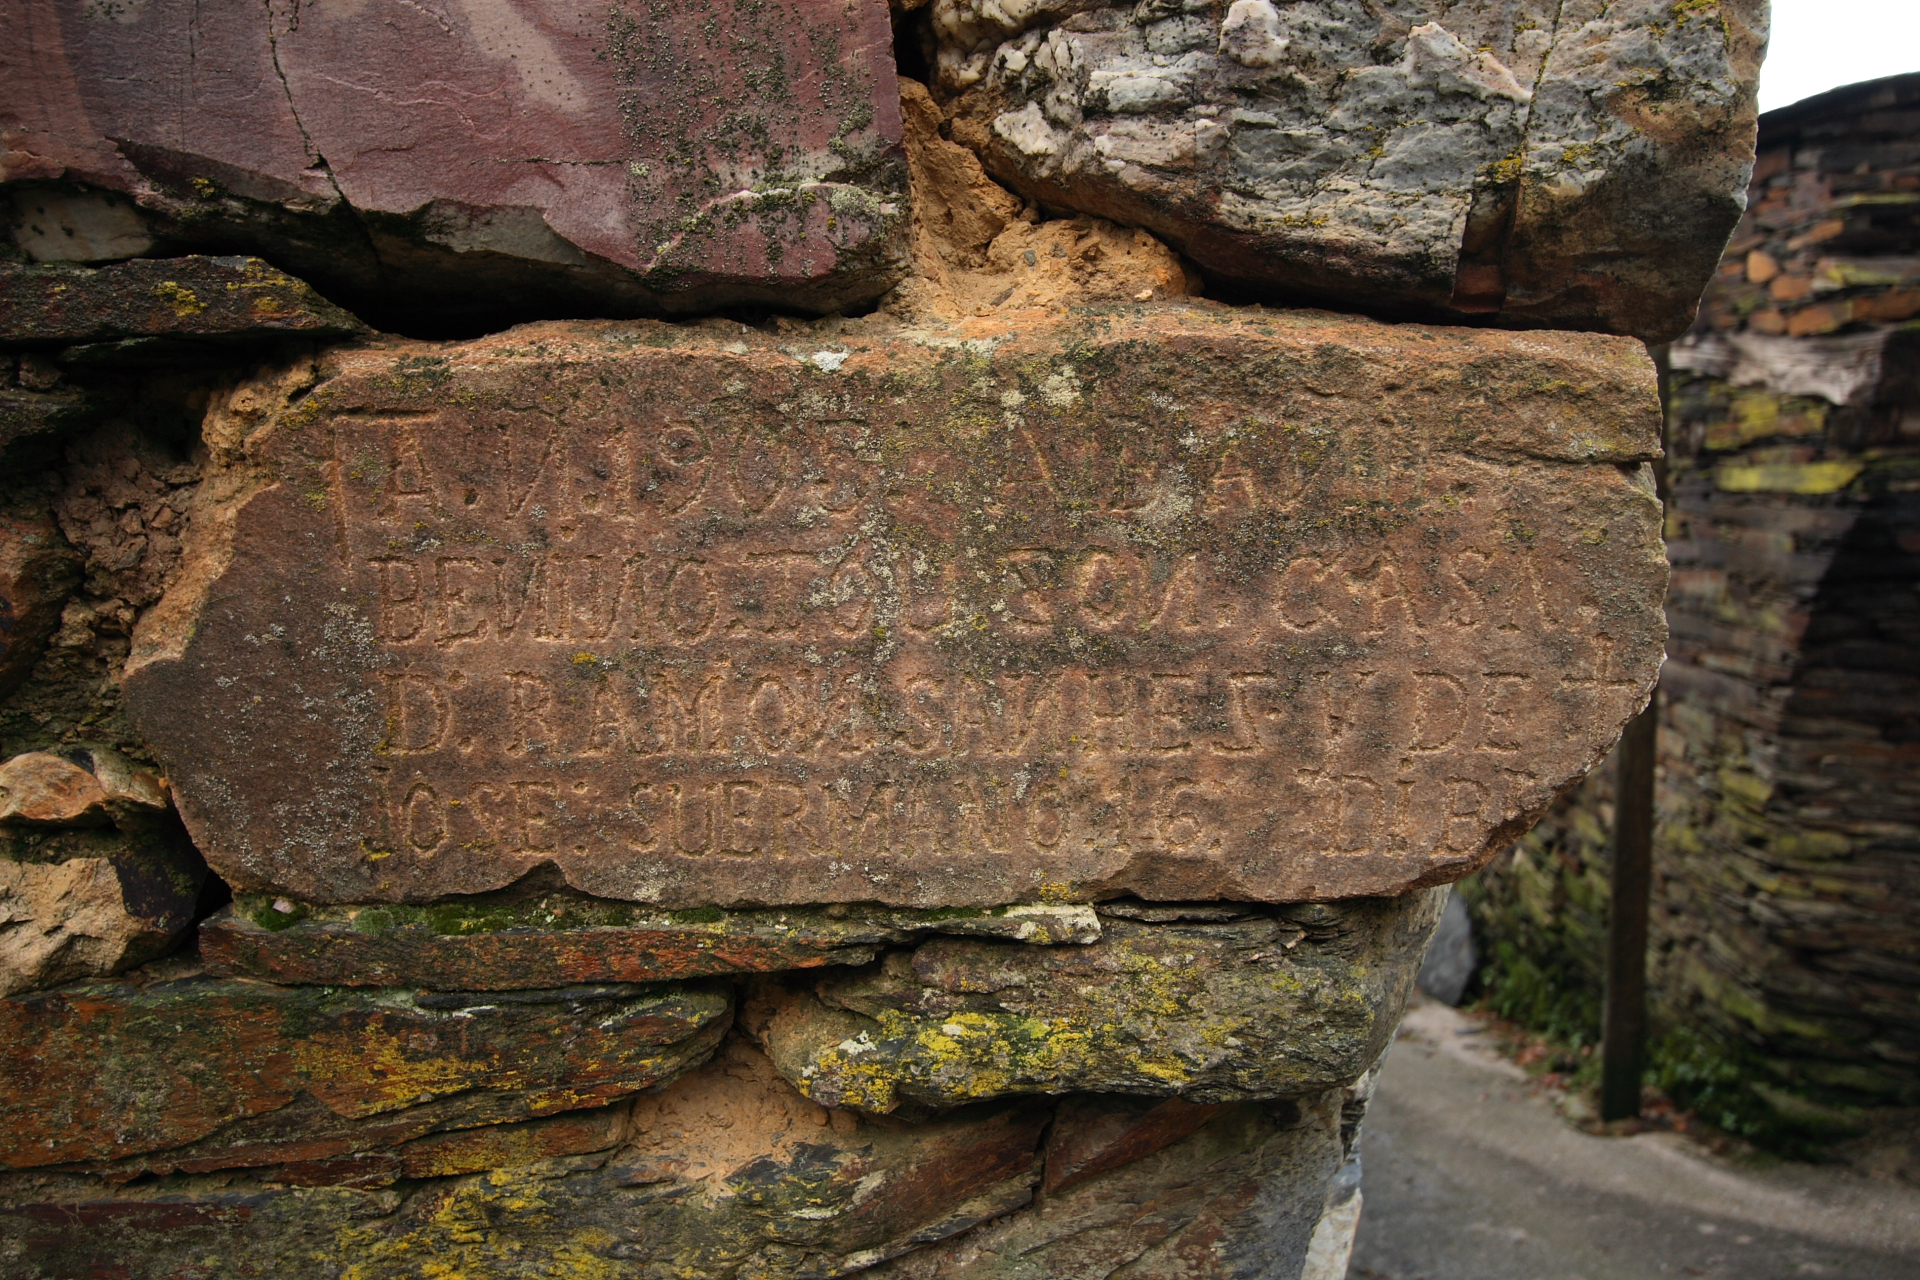 Pedra de cantaría cunha inscrición